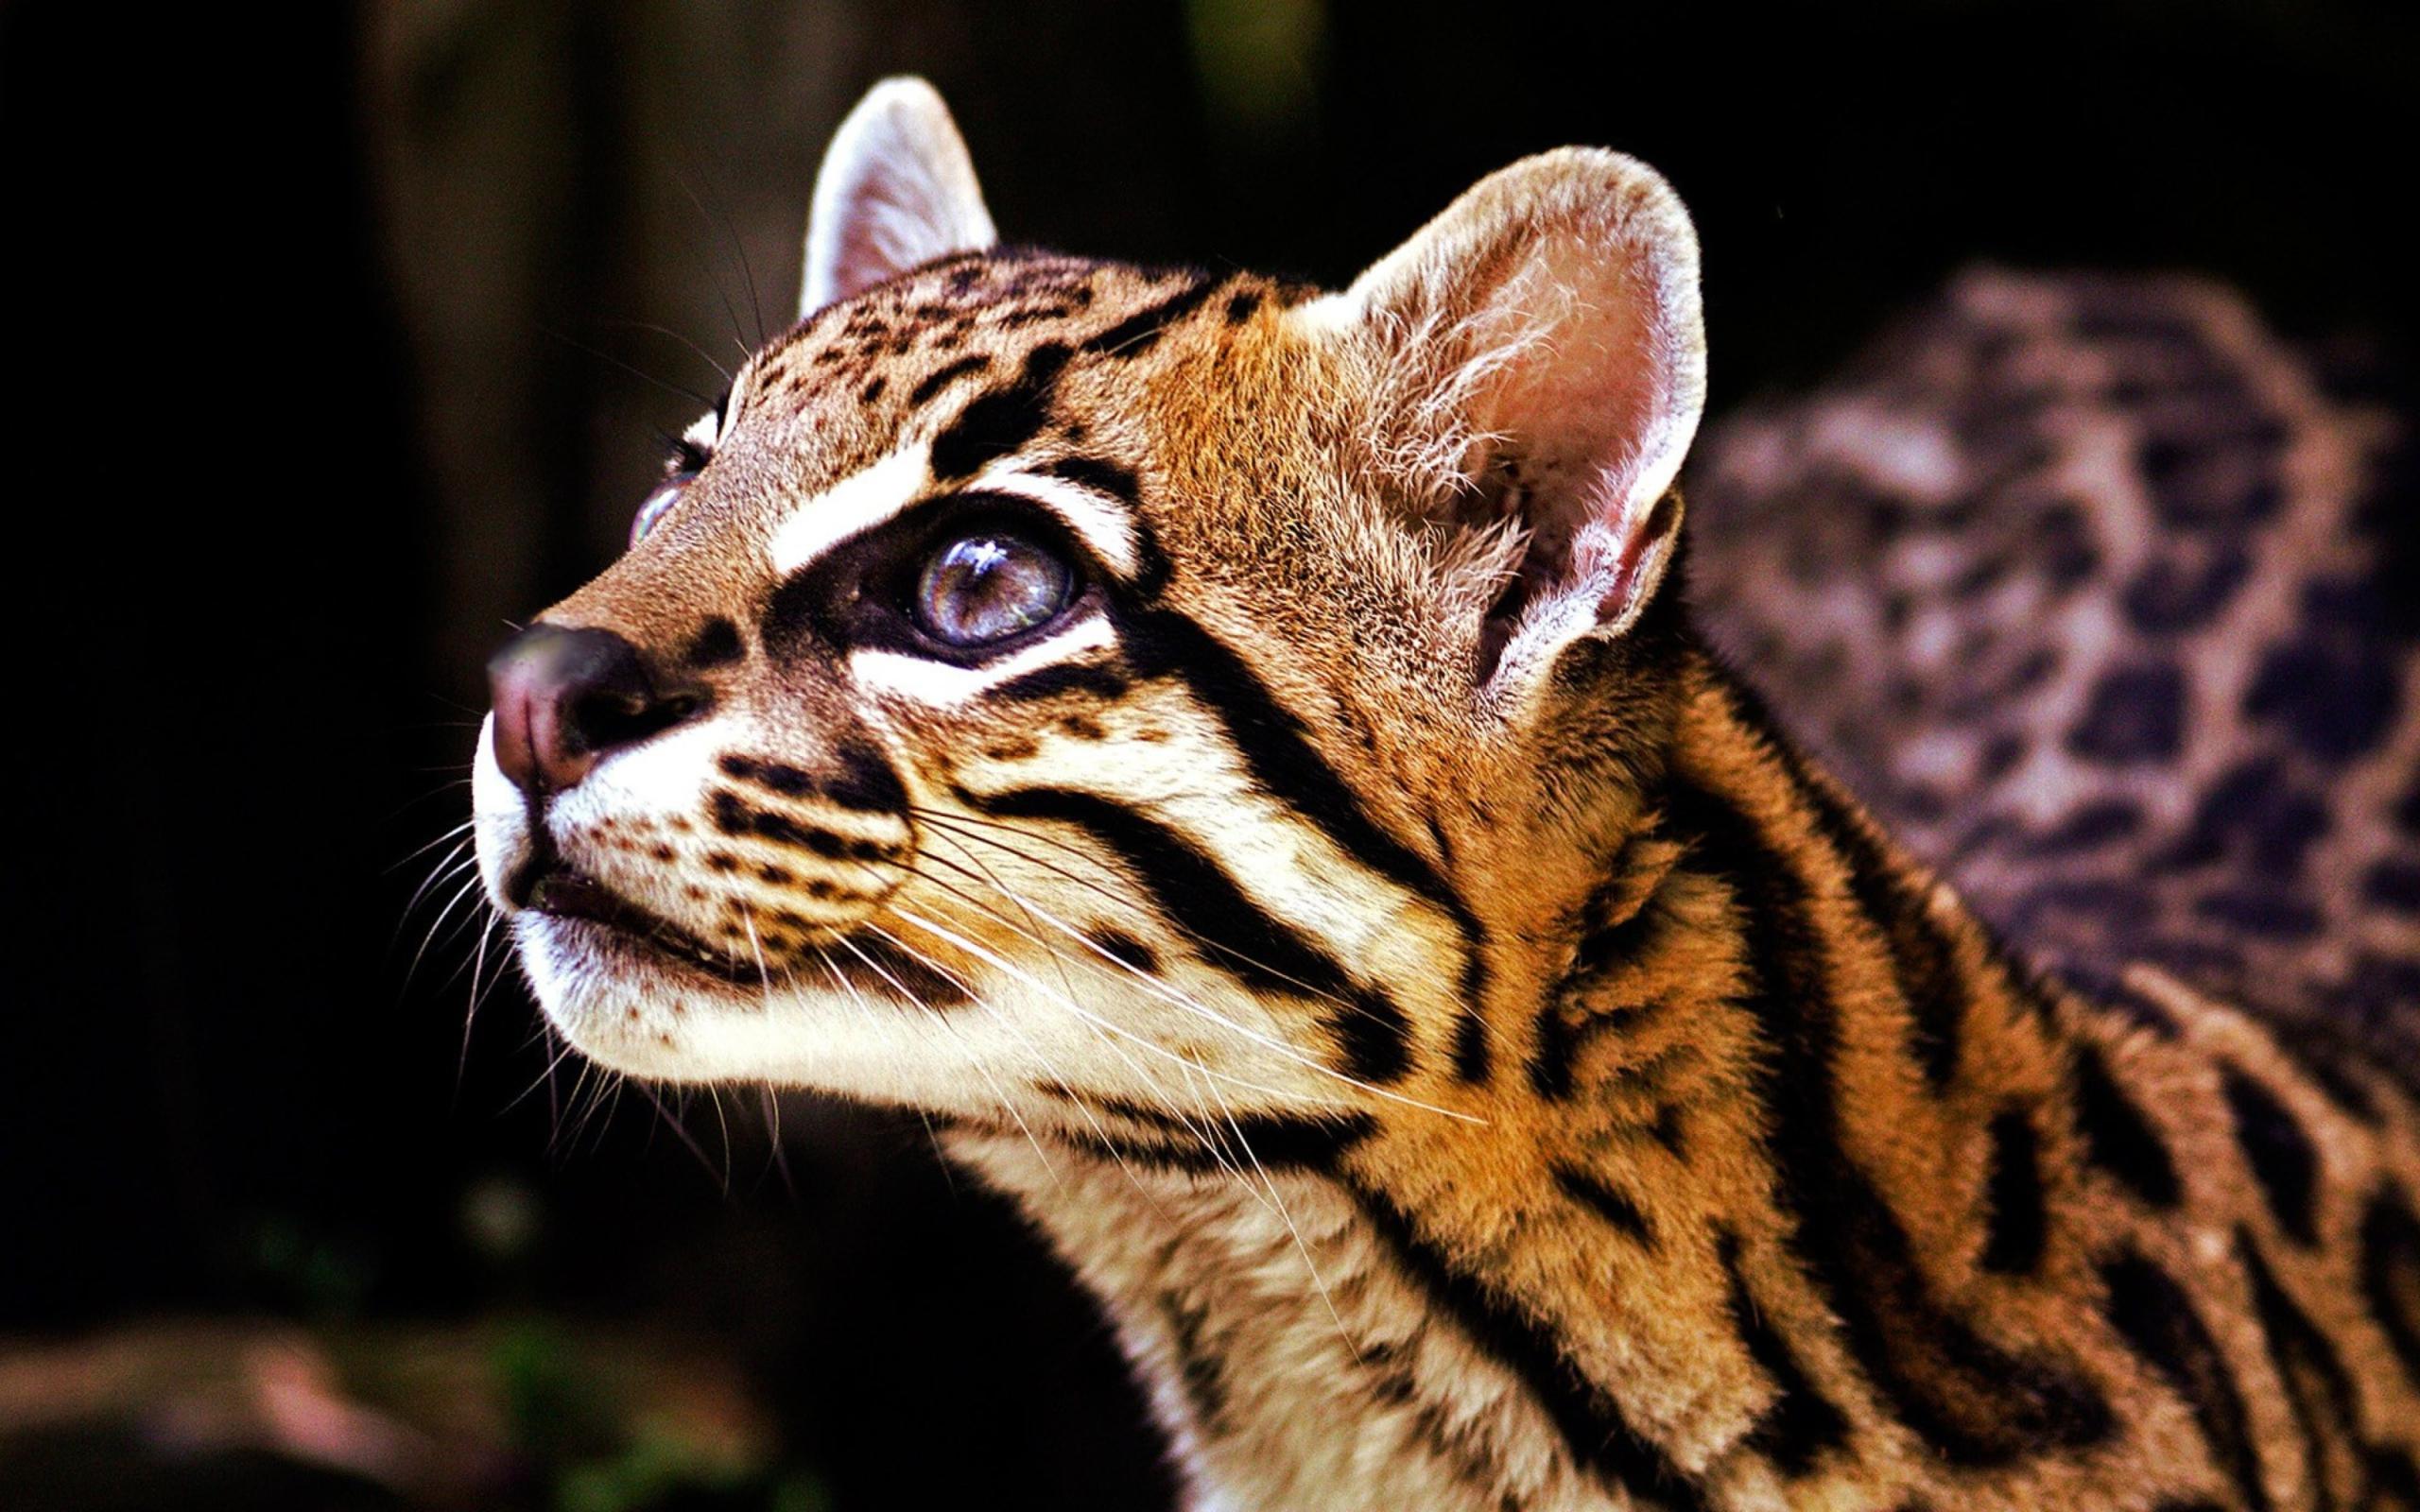 частном доме, самые лучшие фото диких кошек они спасут жизнь